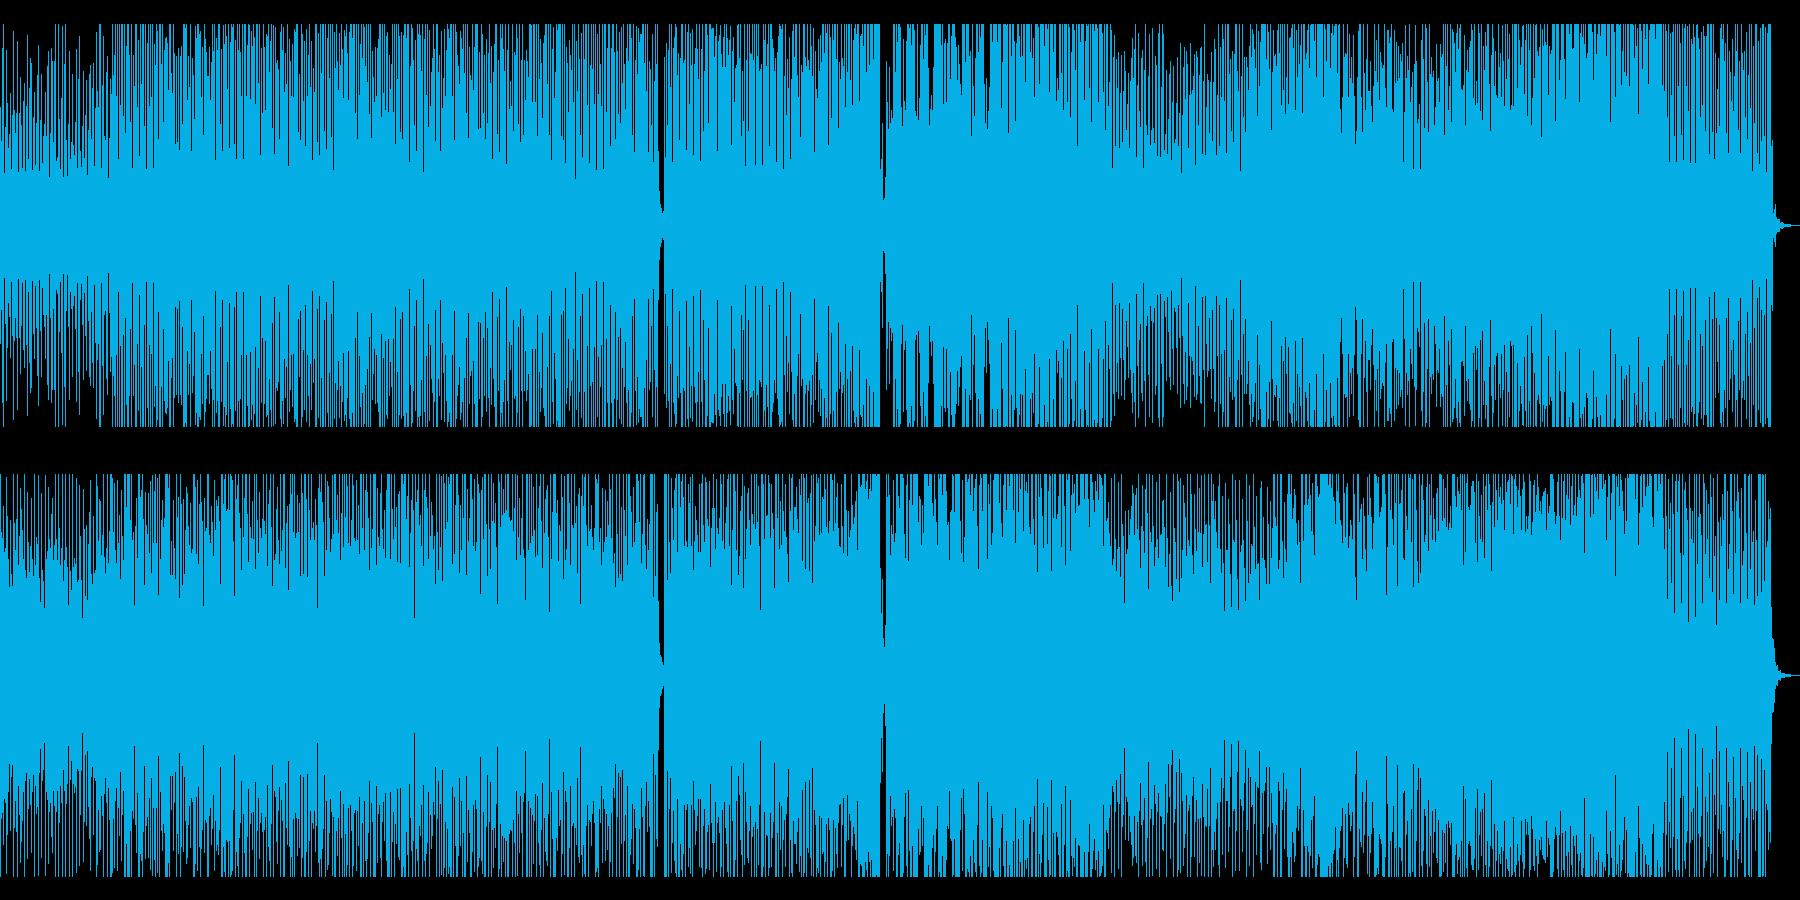 やや幻想的で進行感があるBGM の再生済みの波形